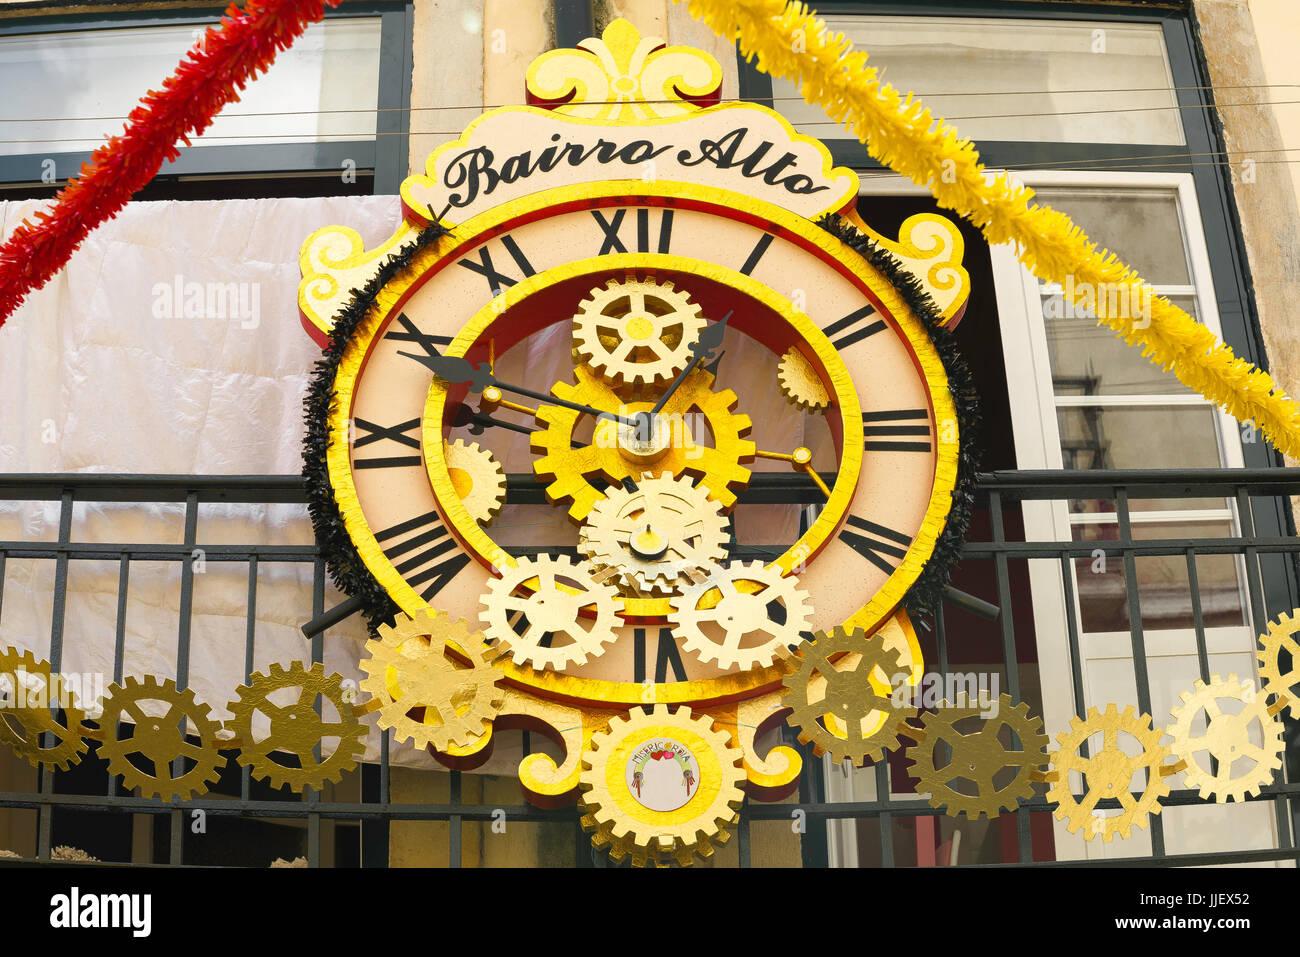 Lisbon Bairro Alto, a huge gold-coloured clock above a bar in a street in the old town Bairro Alto quarter of Lisbon, - Stock Image